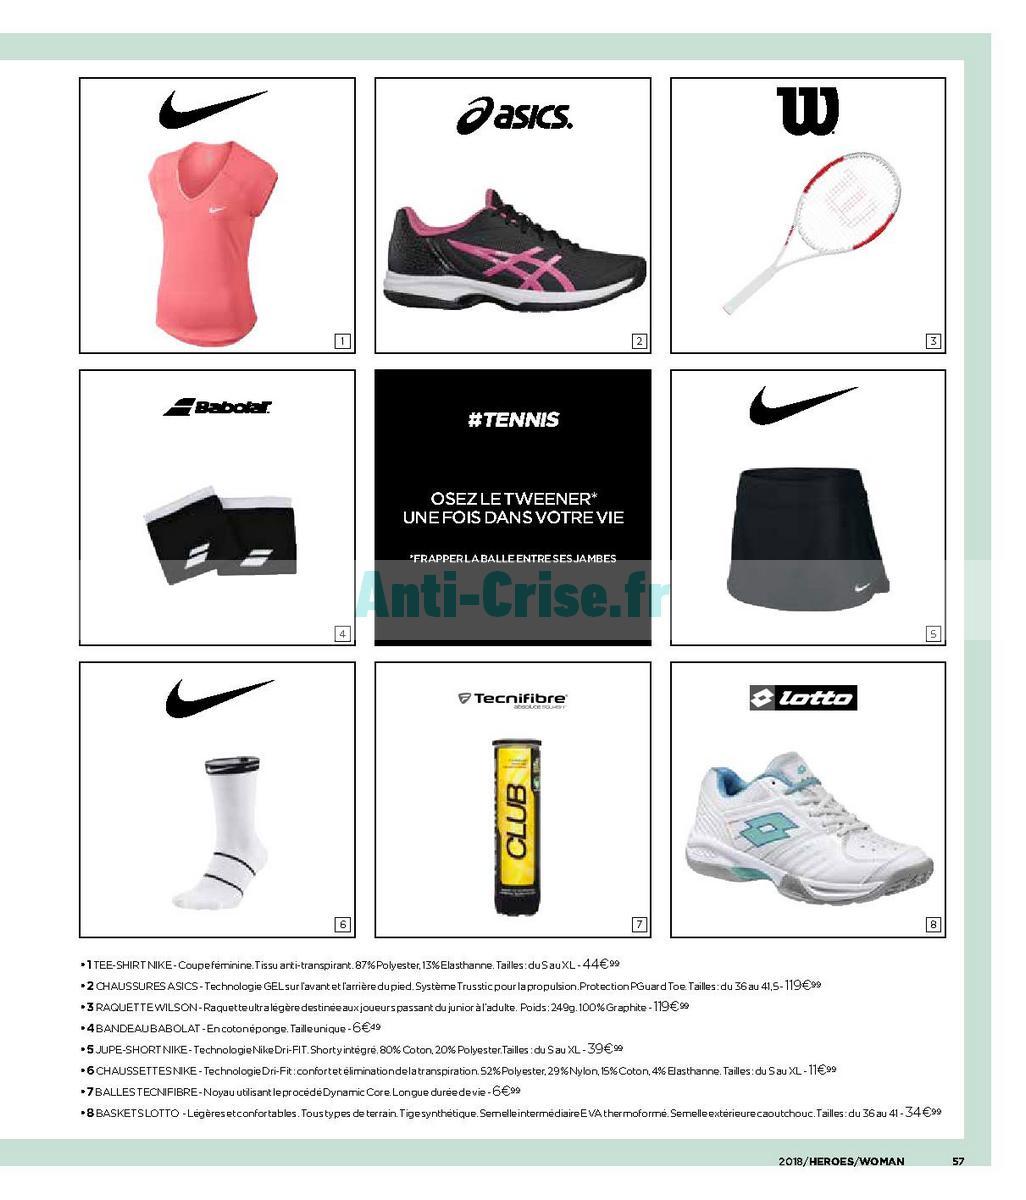 decembre2018 Catalogue Go Sport du 28 avril au 31 décembre 2018 (Spécial Femme) (57)